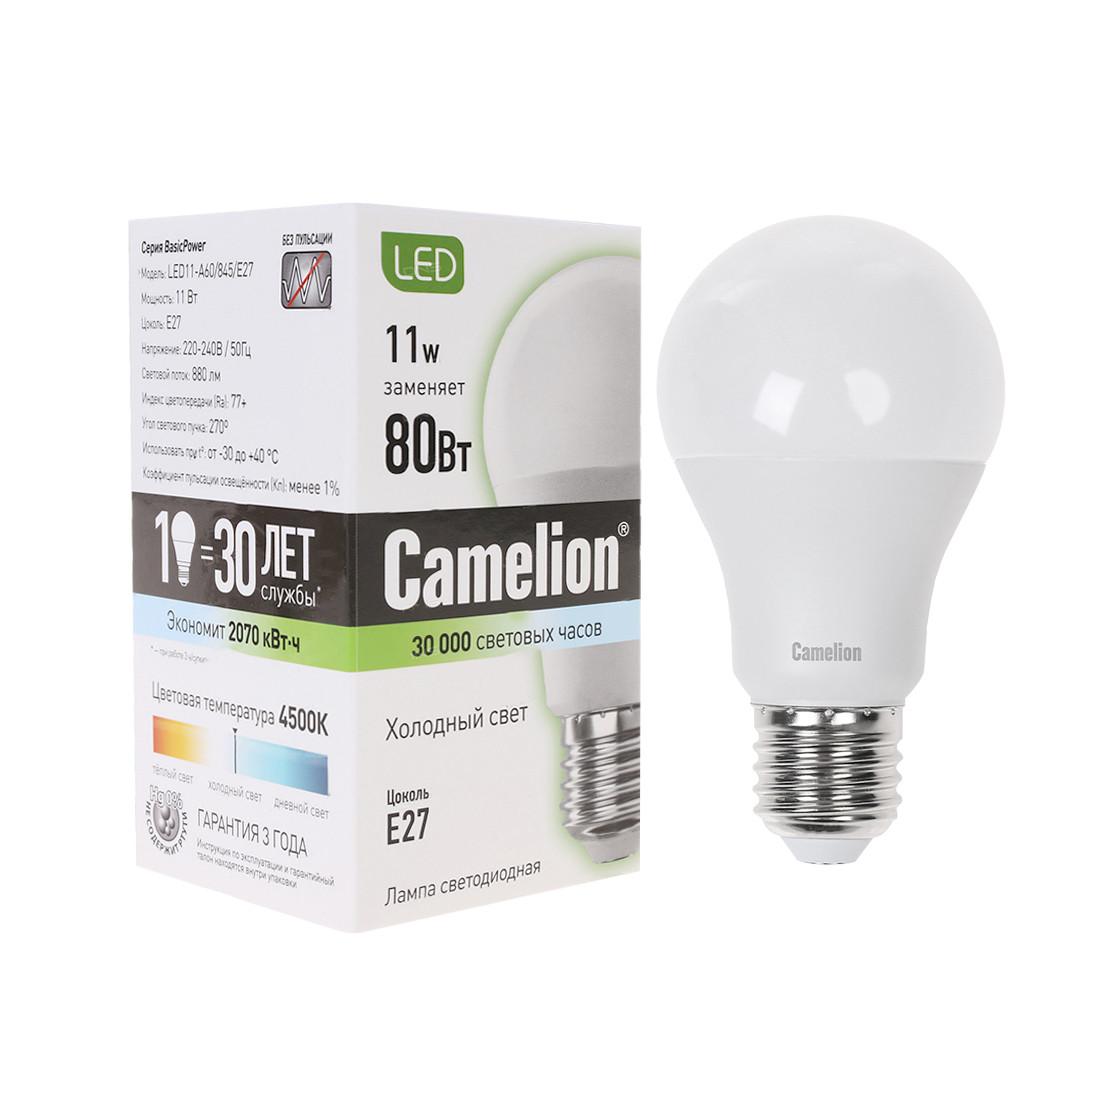 Эл. лампа светодиодная Camelion LED11-A60/845/E27, Холодный